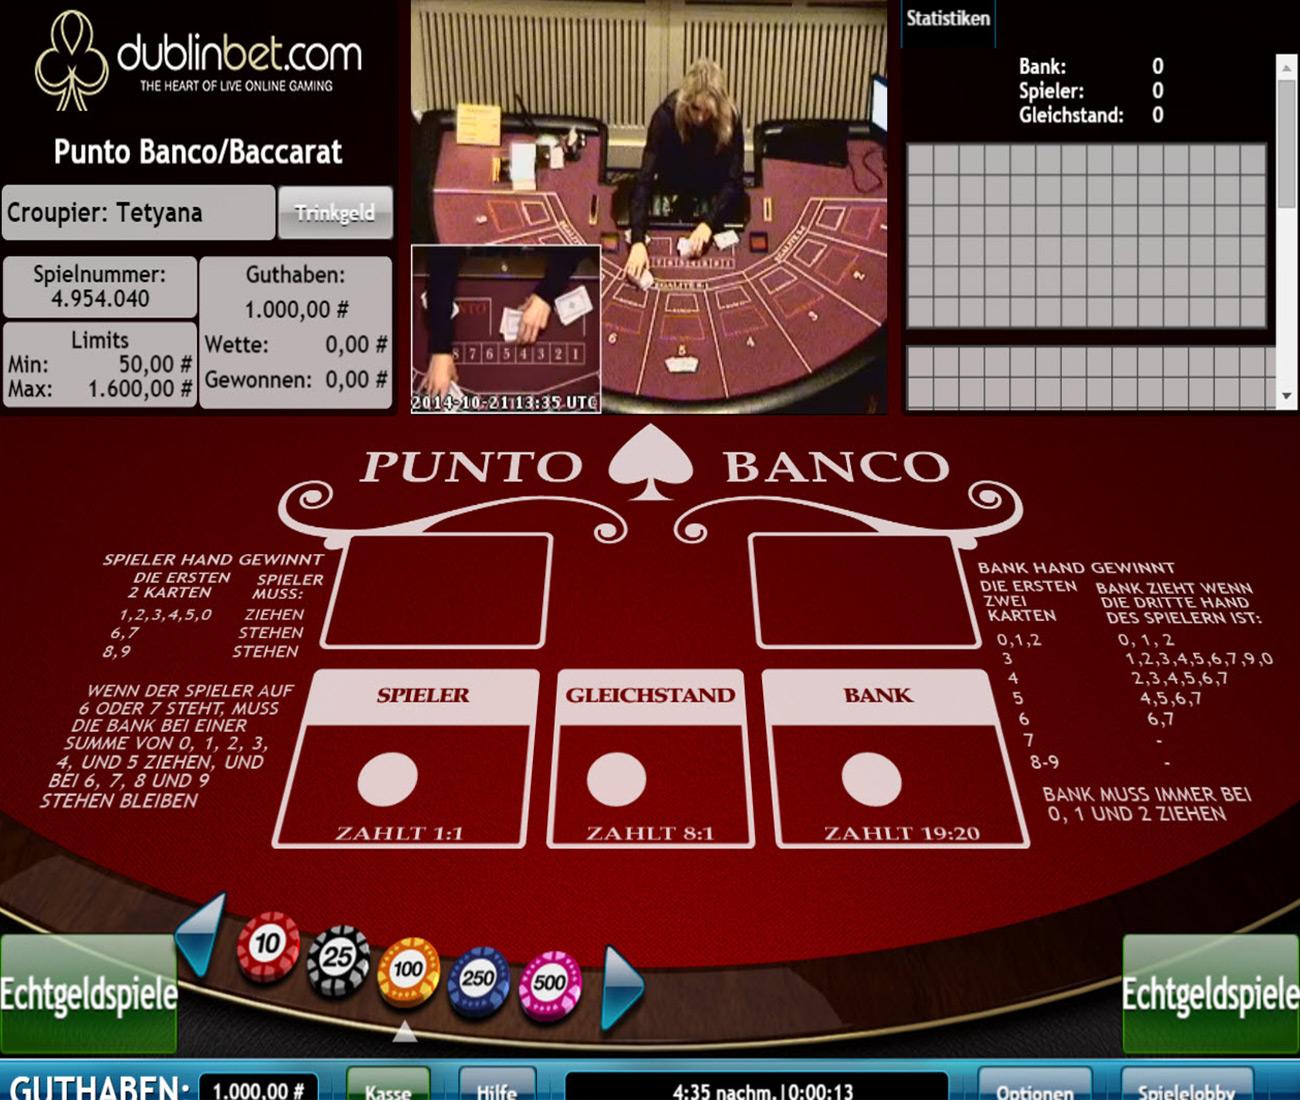 Glücksspiel reich Inter - 16902